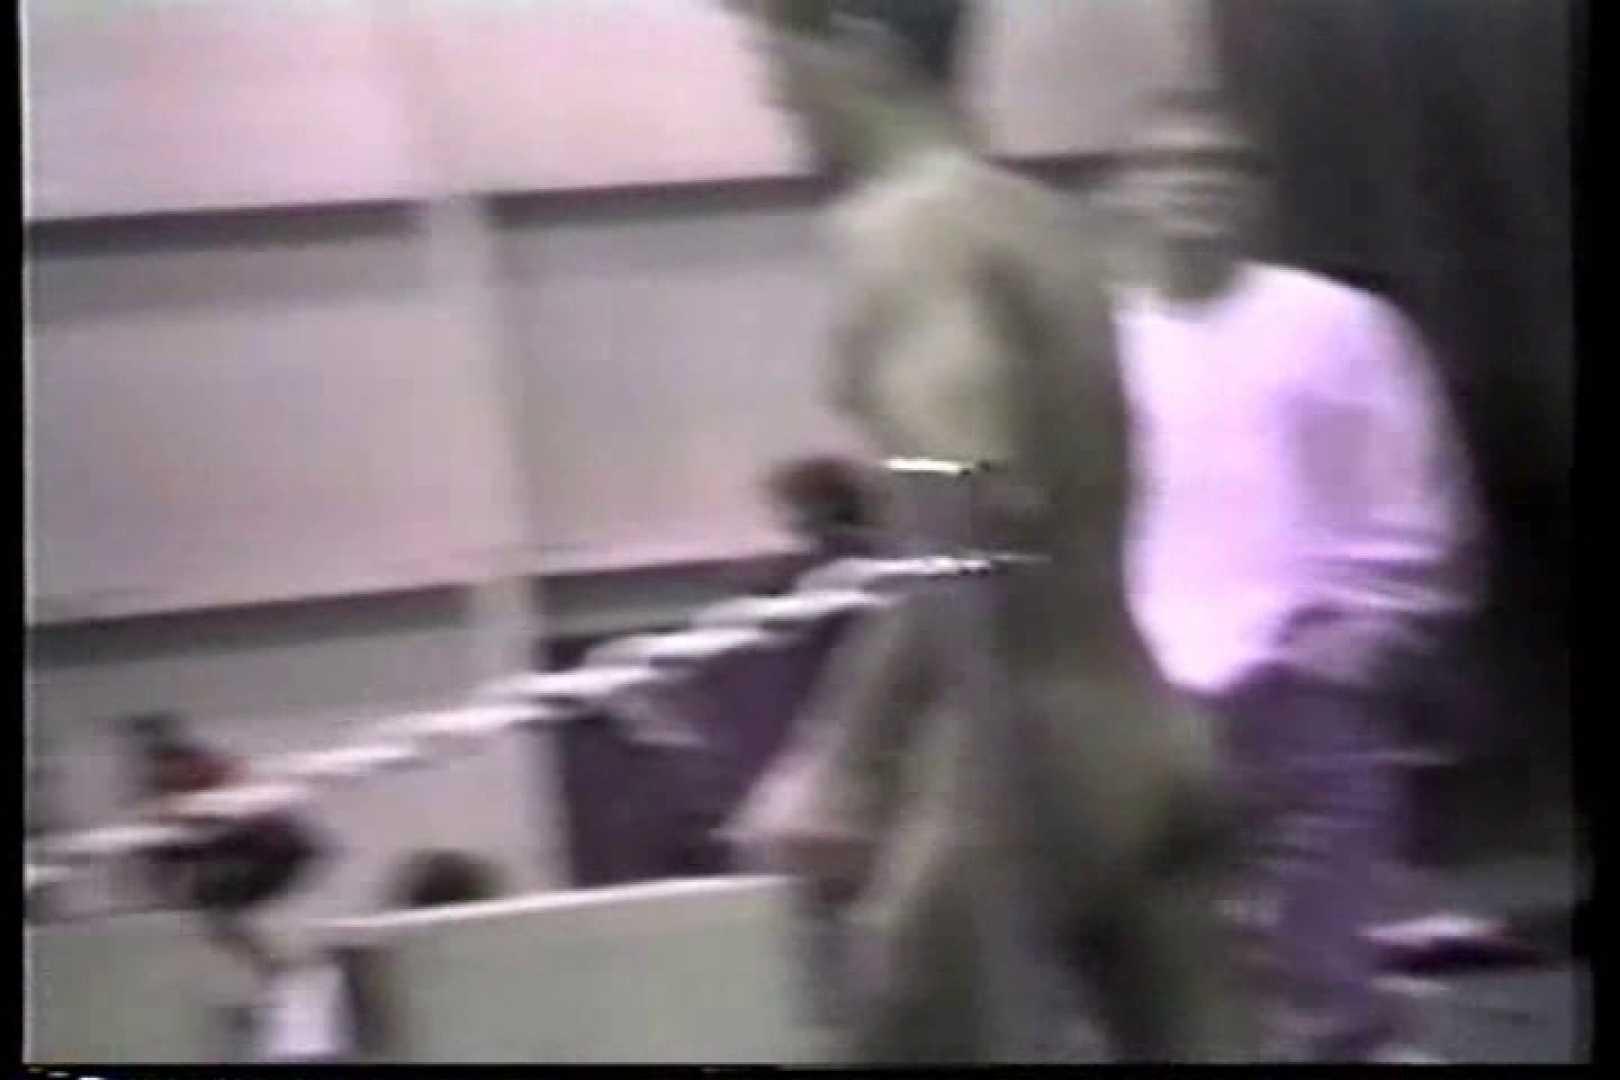 洋人さんの脱衣所を覗いてみました。VOL.5 ボーイズ覗き | ガチムチマッチョ系  80pic 65